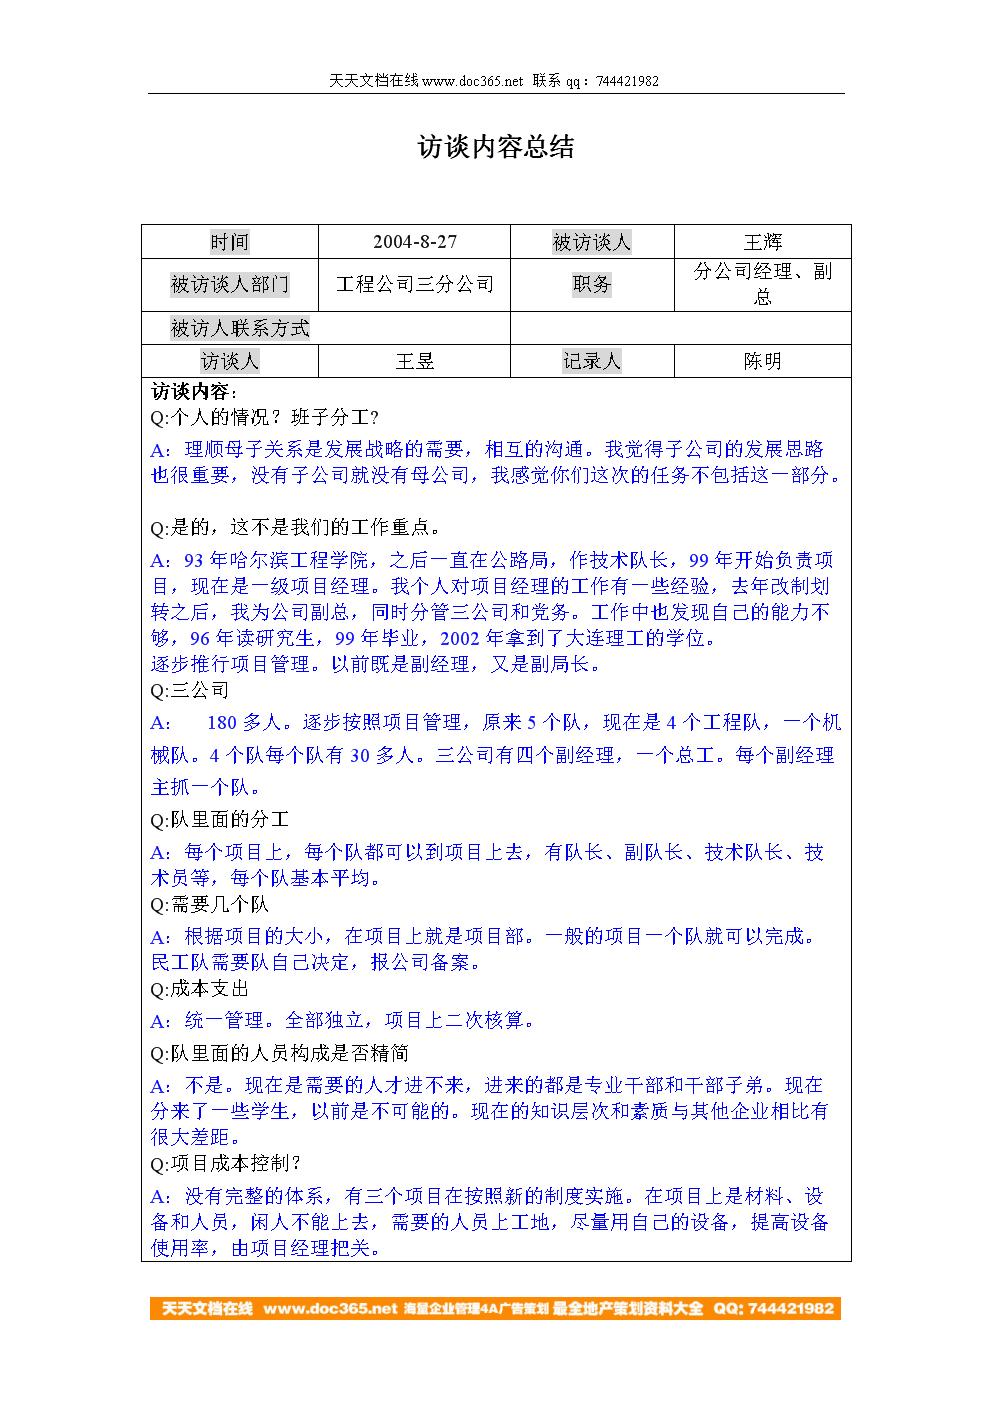 北大纵横—郑州路桥—访谈记录-0827工程公司副总、三分公司经理王辉.doc